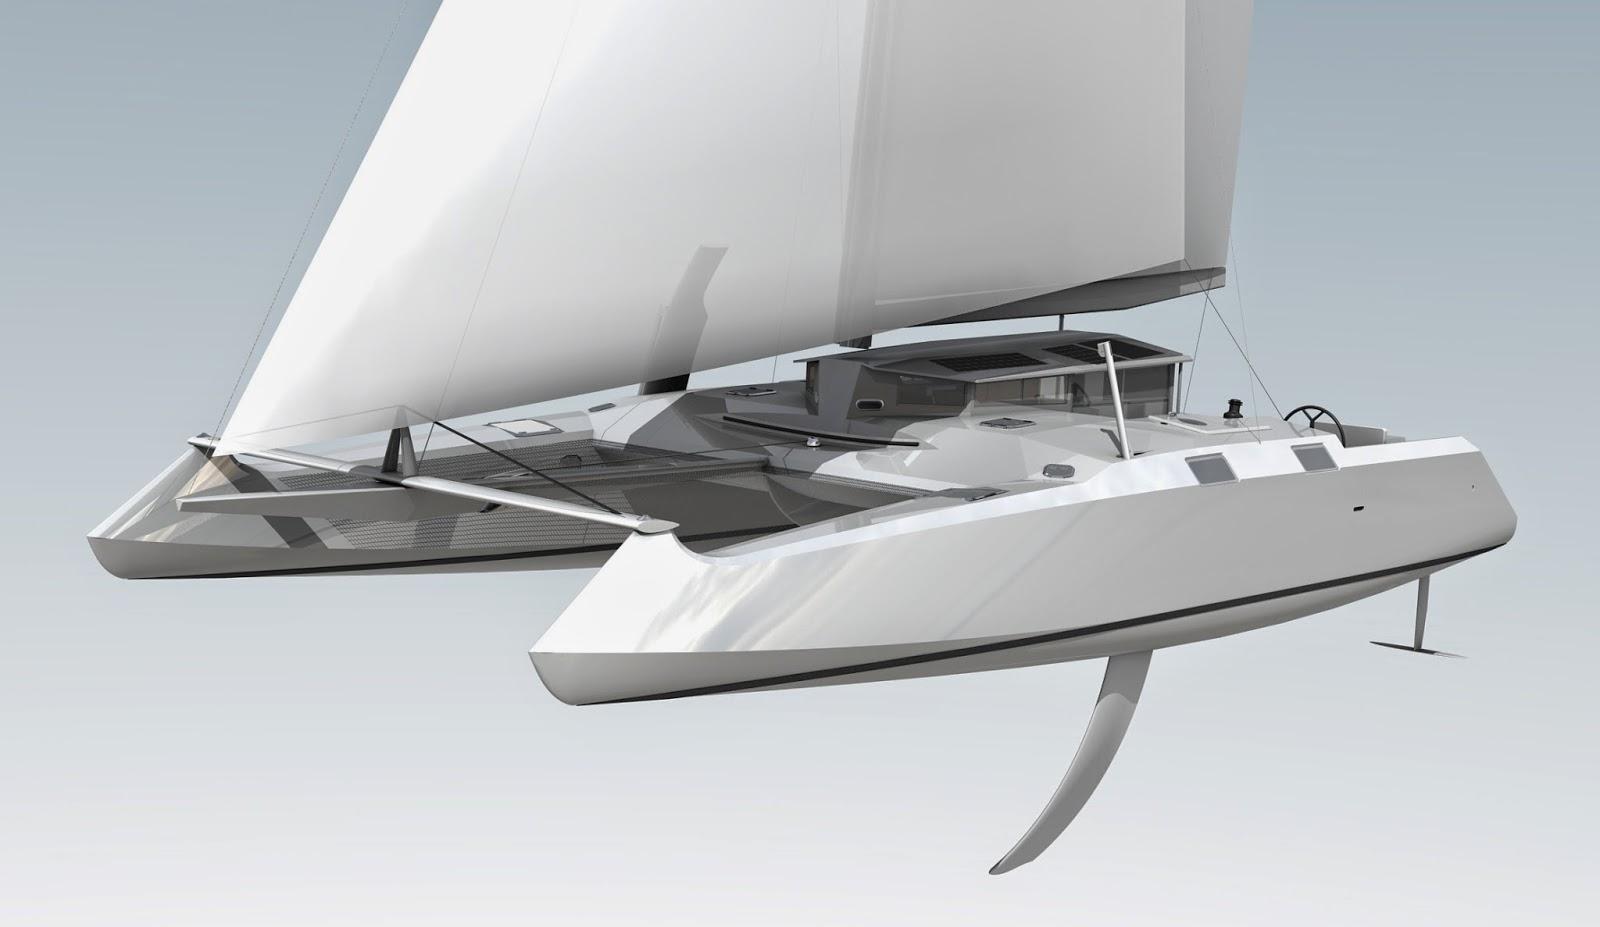 Proa File   Hydrofoil Cruiser